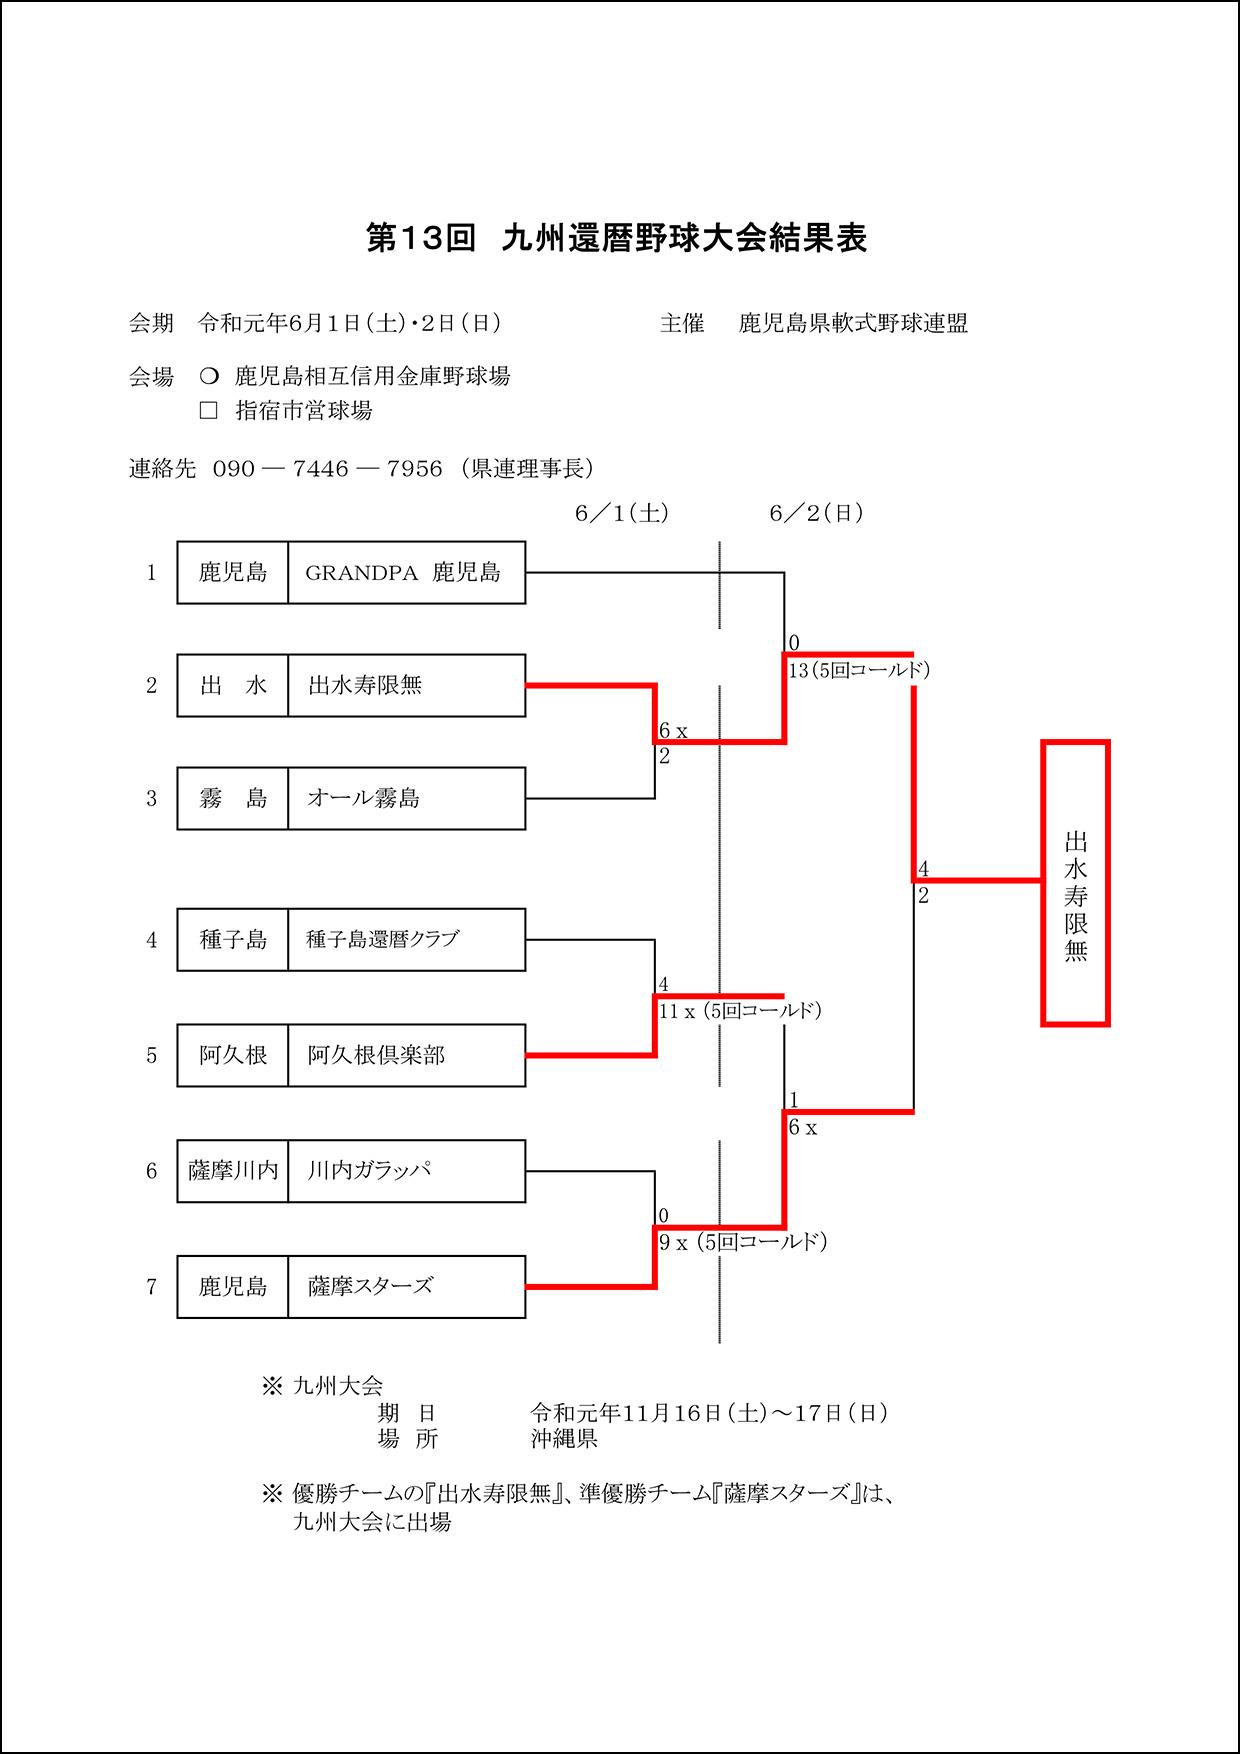 【結果】令和元年第13回九州還暦野球大会